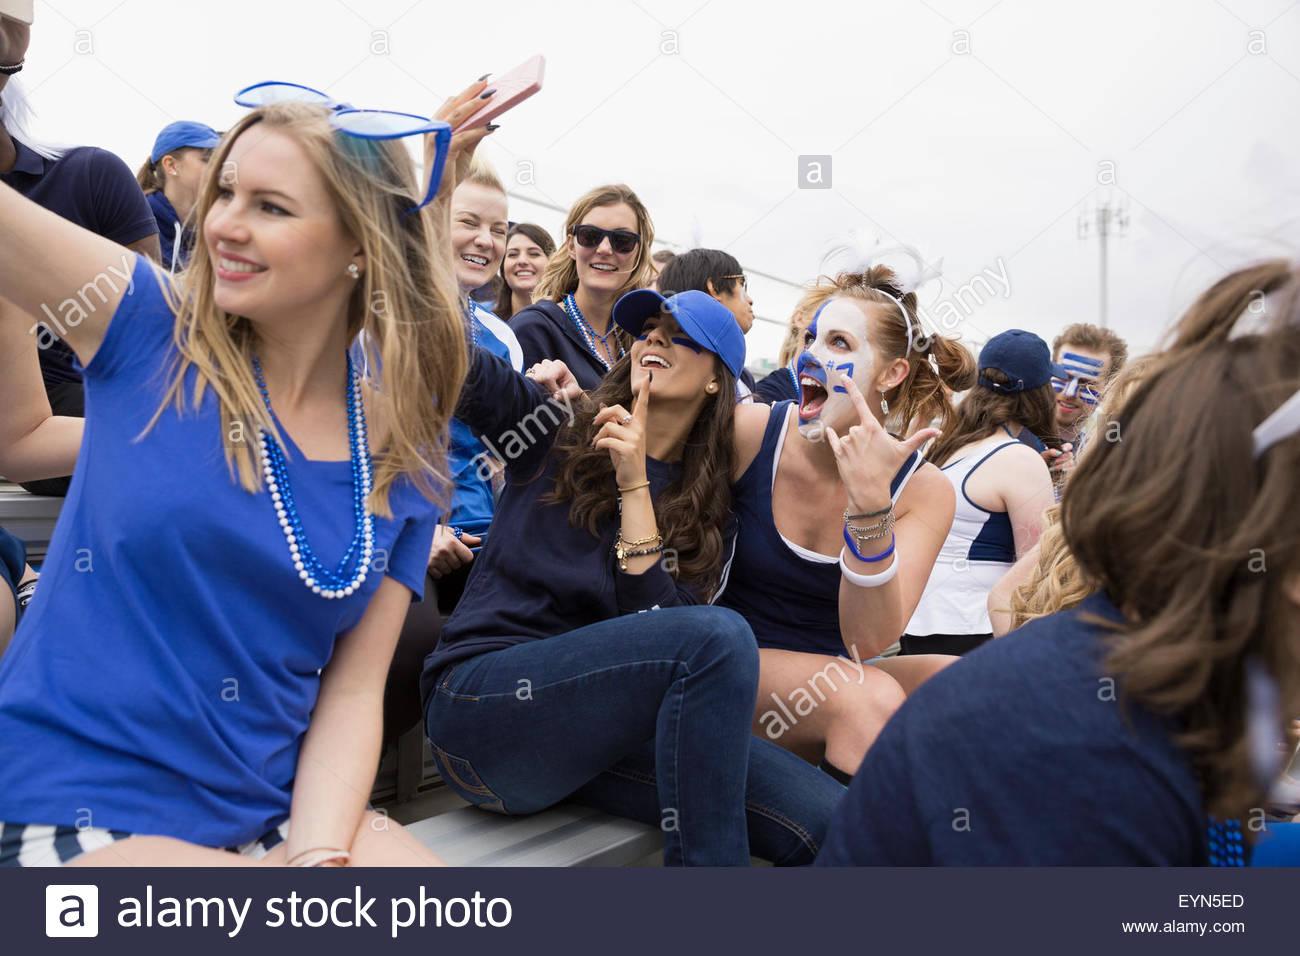 Entusiastas fans en azul posando para selfie gradas Imagen De Stock